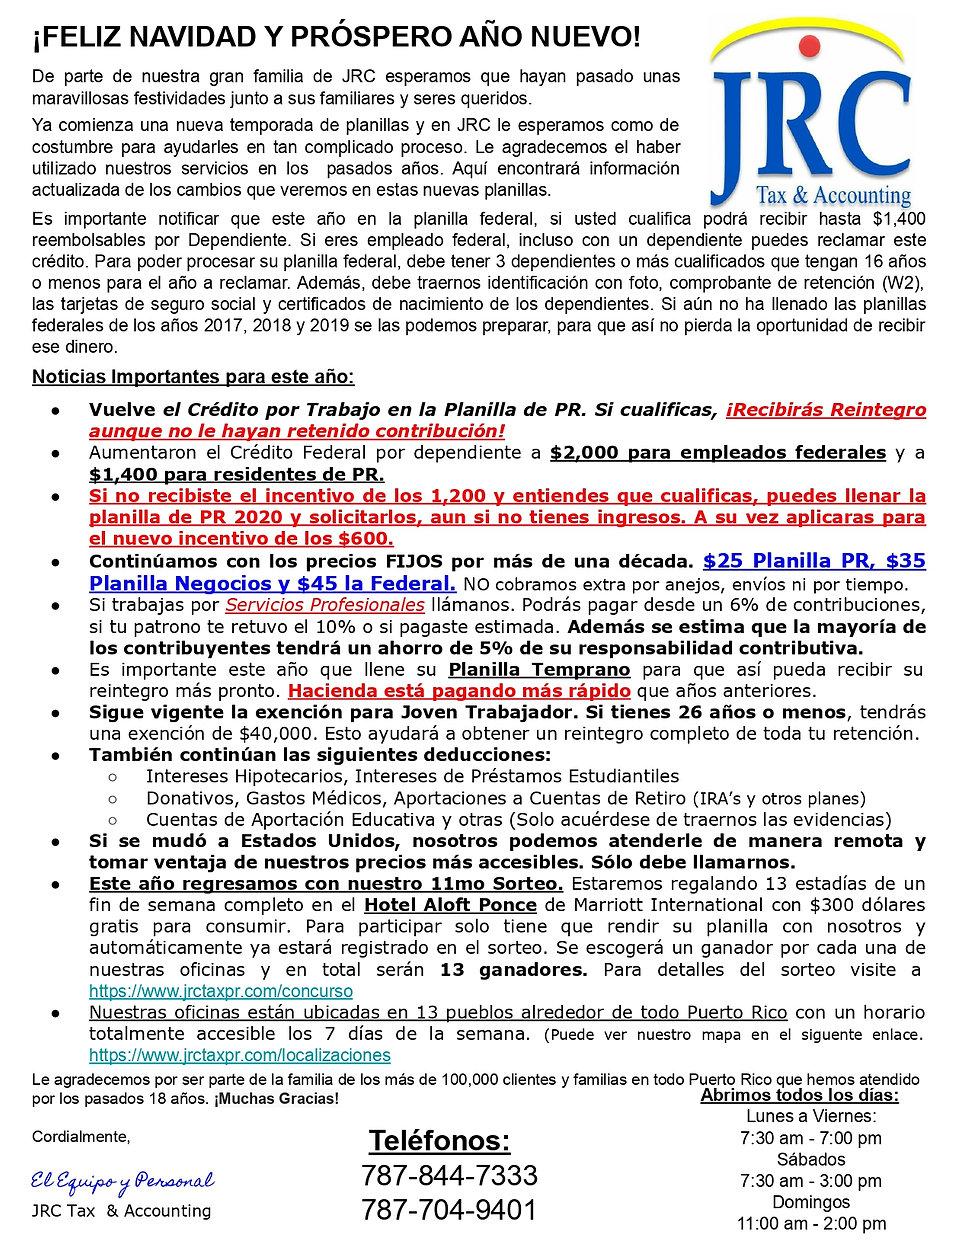 Carta de JRC